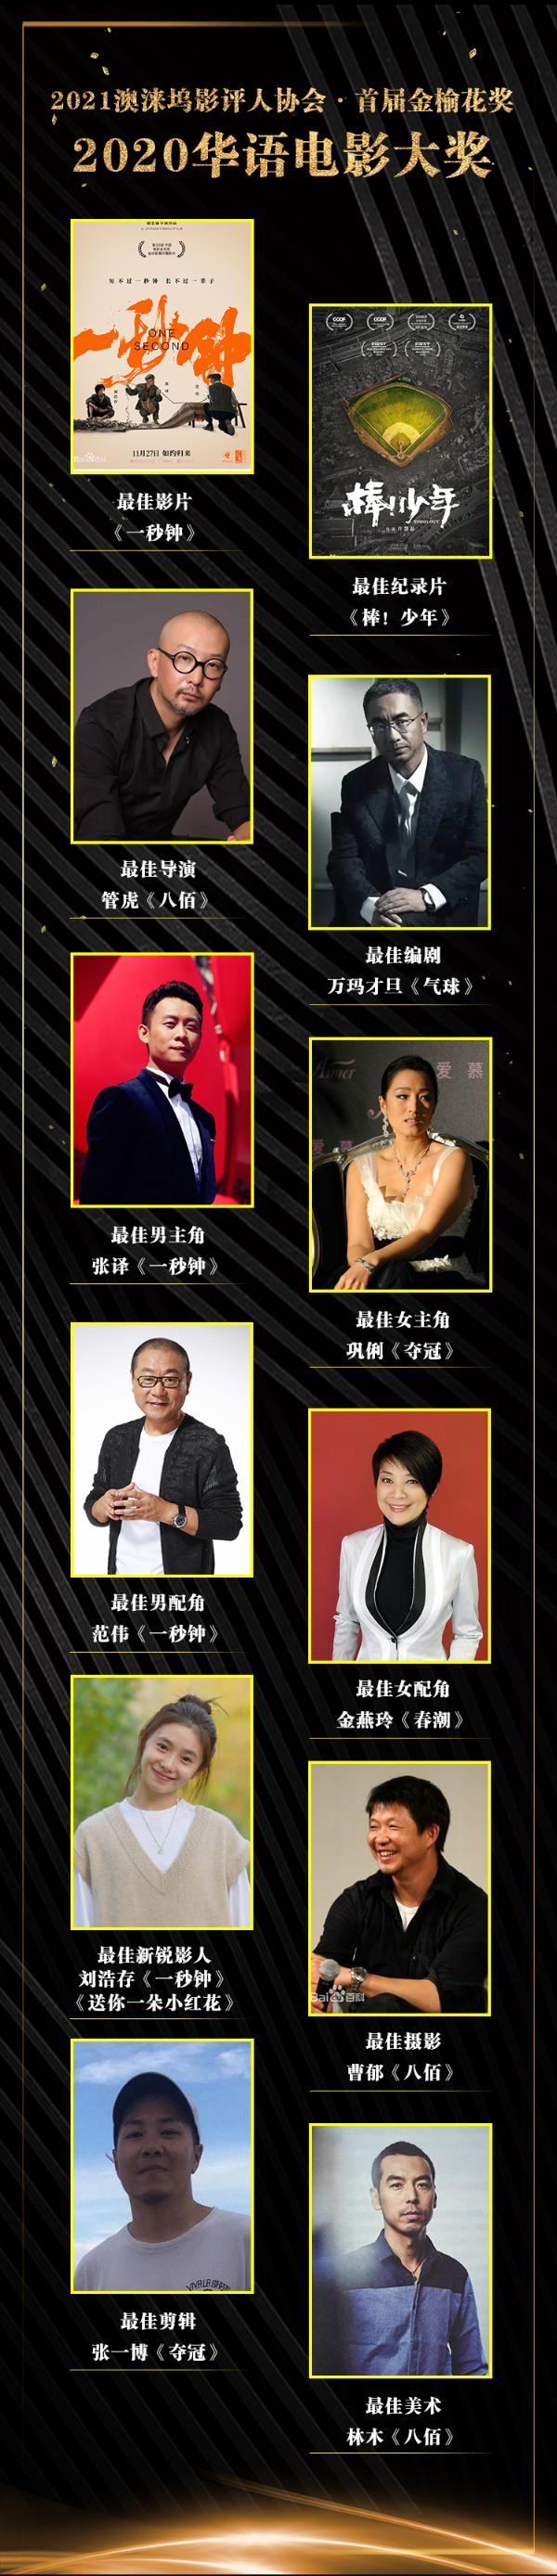 2021年首个华语电影奖评出,《一秒钟》获最佳影片,管虎最佳导演